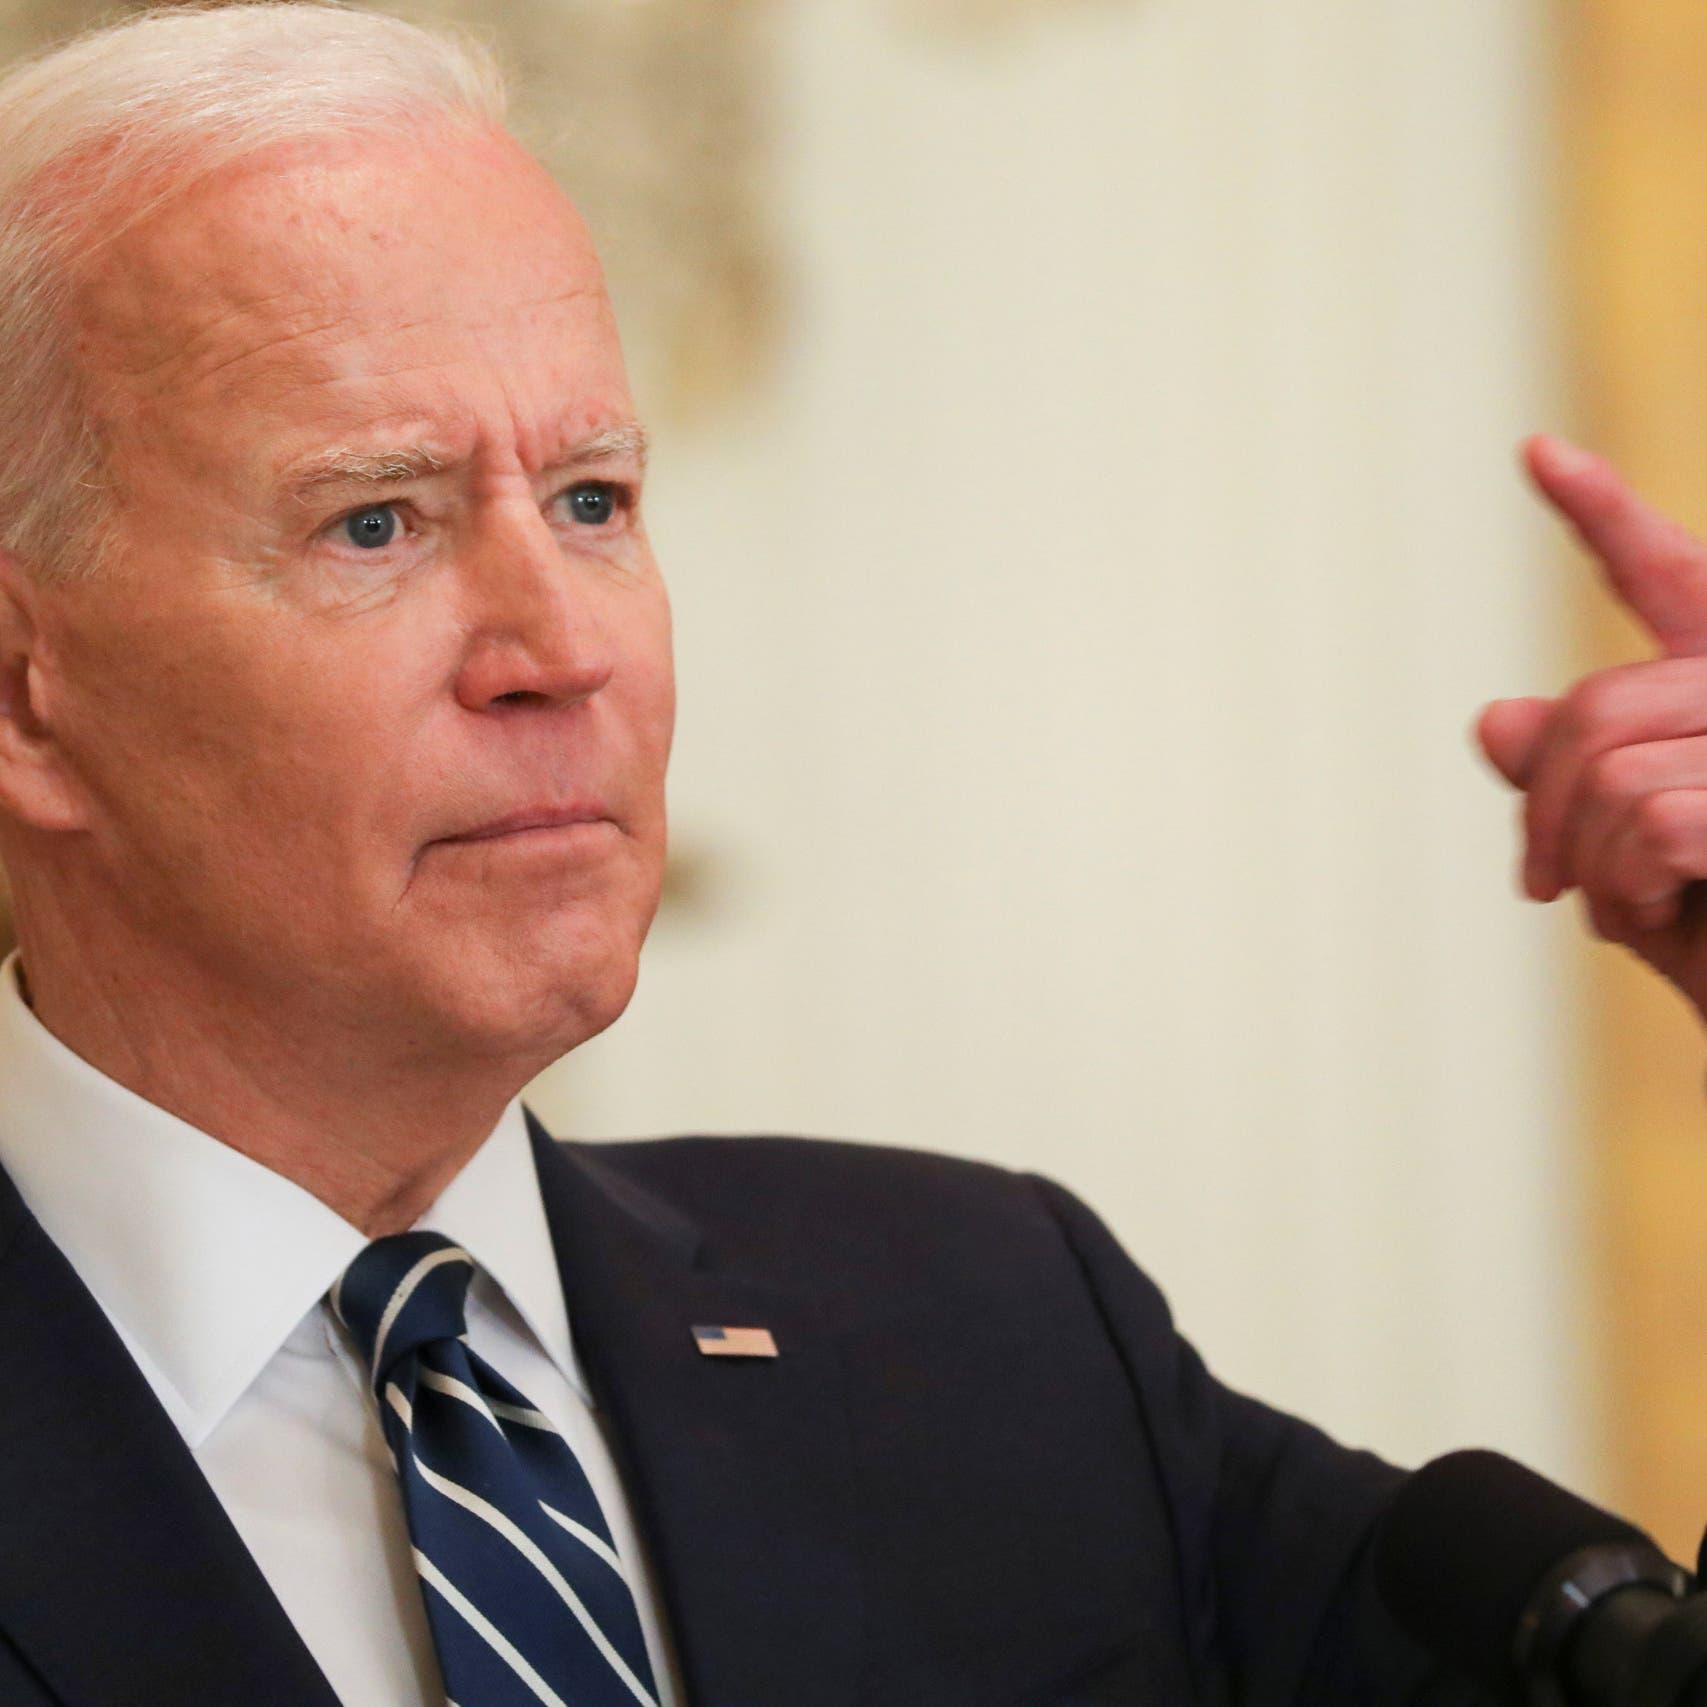 البيت الأبيض: قرار بايدن بضرب الميليشيات في العراق وسوريا سليم قانونياً